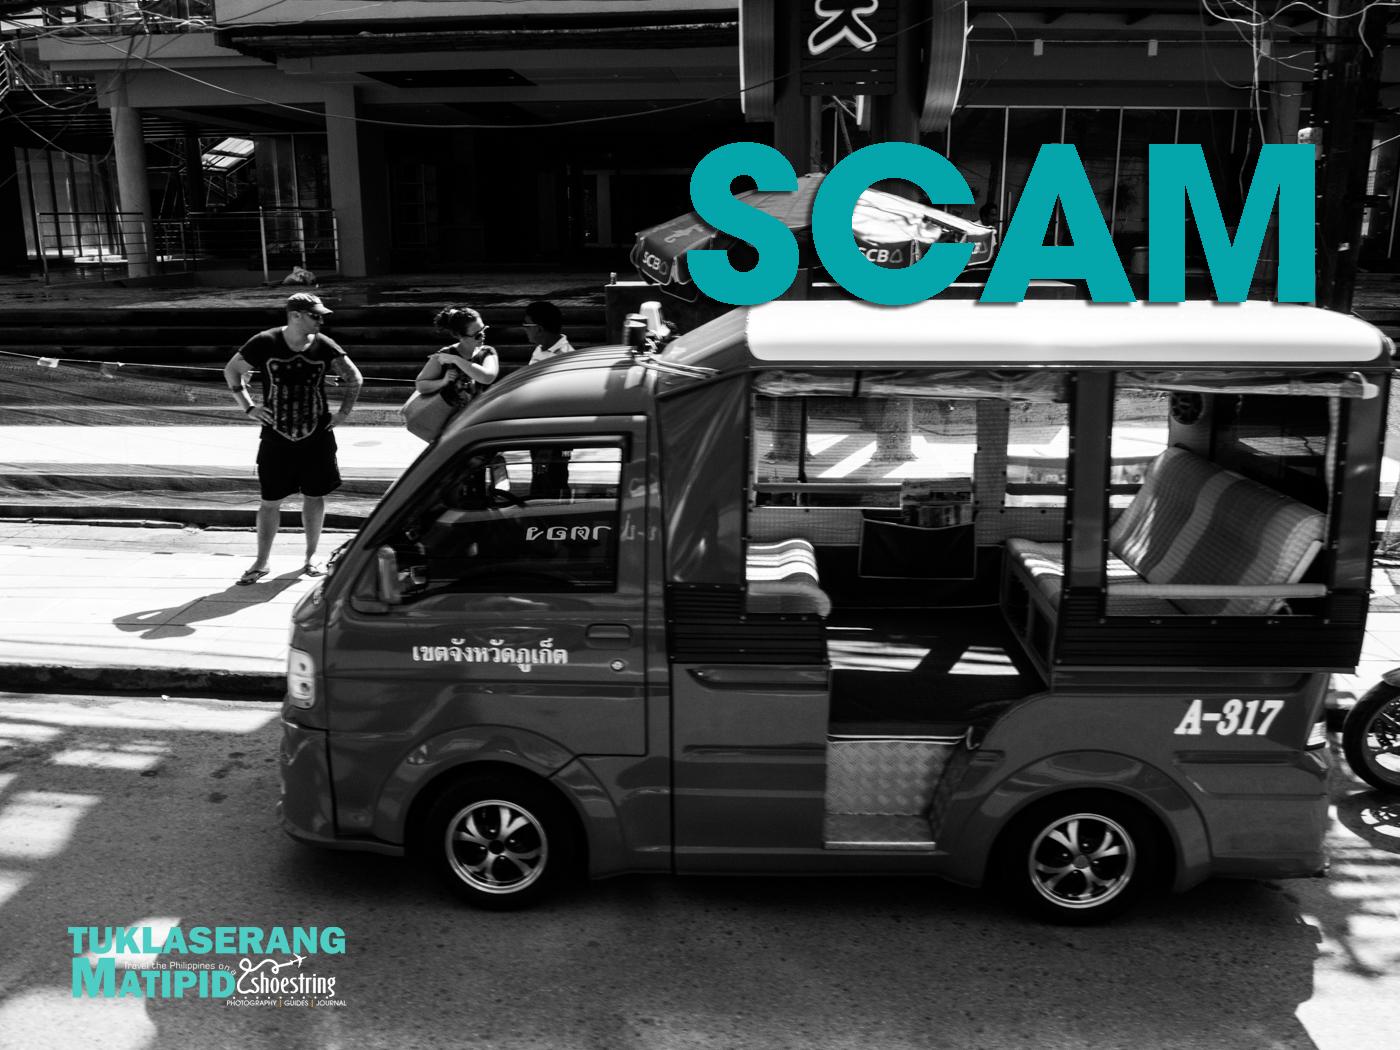 Tuktuk scam